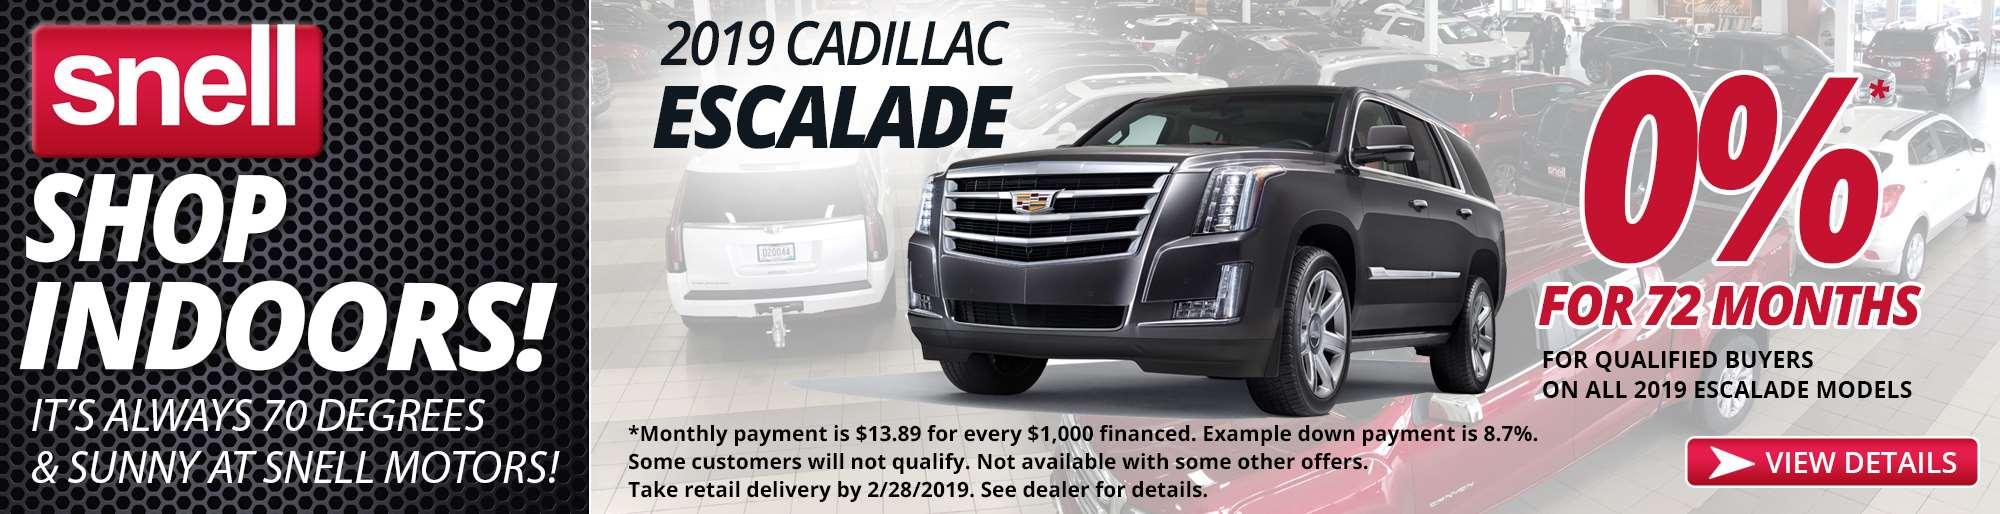 2.20 2019 Cadillac Escalade